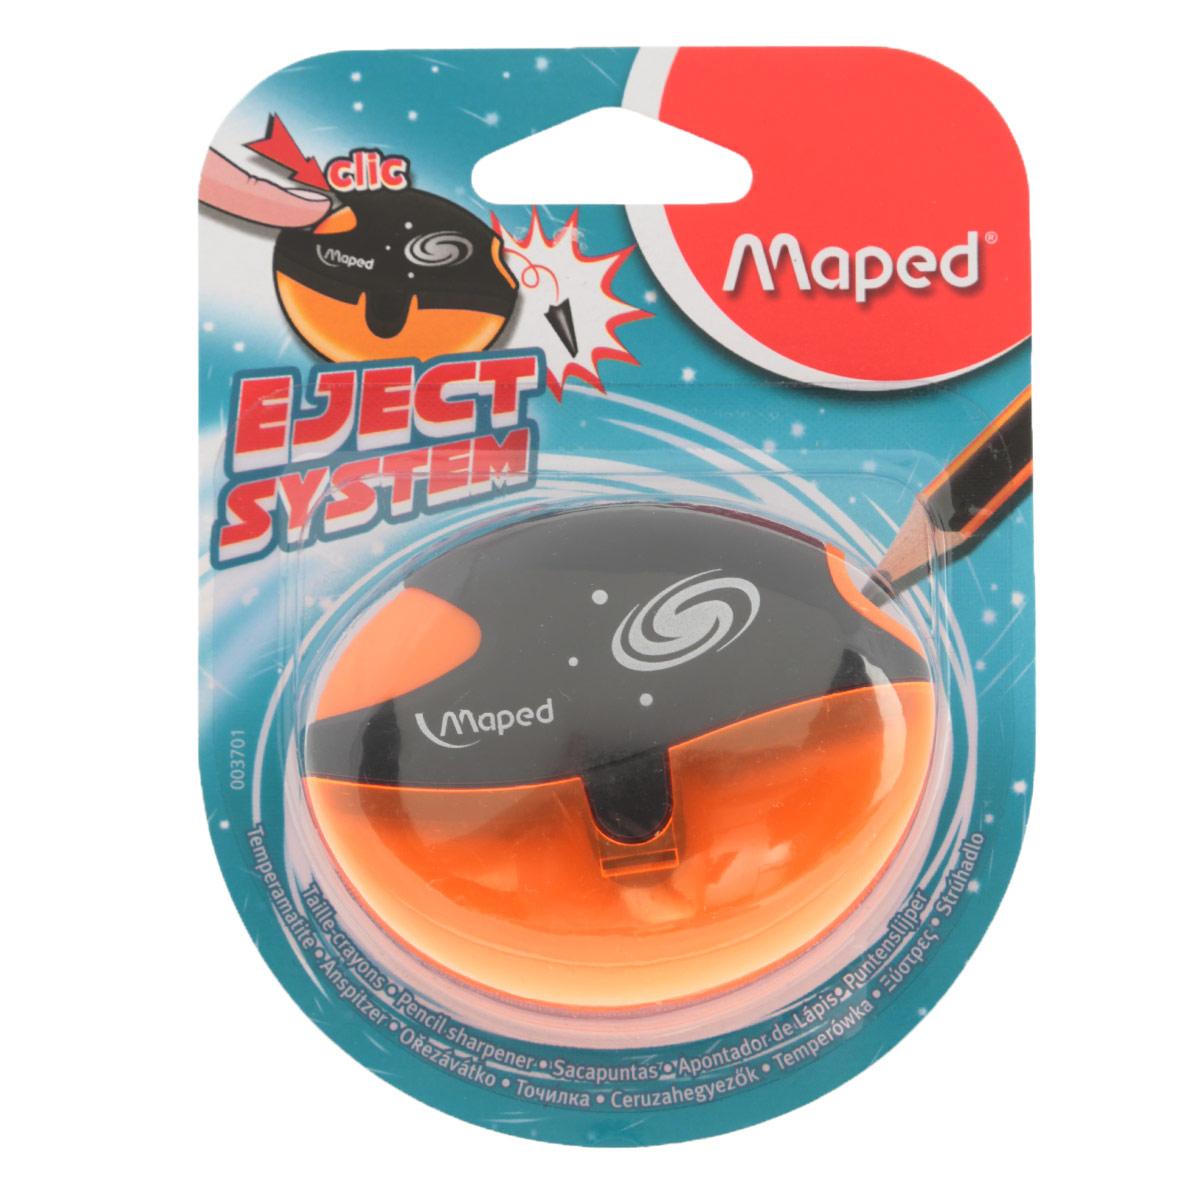 Точилка Maped Galactic, с контейнером, цвет: оранжевый3701_оранжевыйТочилка пластиковая Maped Galactic - это точилка изготовленная из пластика, с одним отверстием, контейнером и специальной защитой от сломанного грифеля. Полупрозрачный контейнер для сбора стружки повышенной вместимости позволяет визуально контролировать уровень заполнения и вовремя производить очистку. Это точилка, в которой не застревает грифель. Одно нажатие на кнопку освобождает точилку от сломанного грифеля. Предназначена для использования как в школе, так и в офисе. Рекомендовано детям старше трех лет.